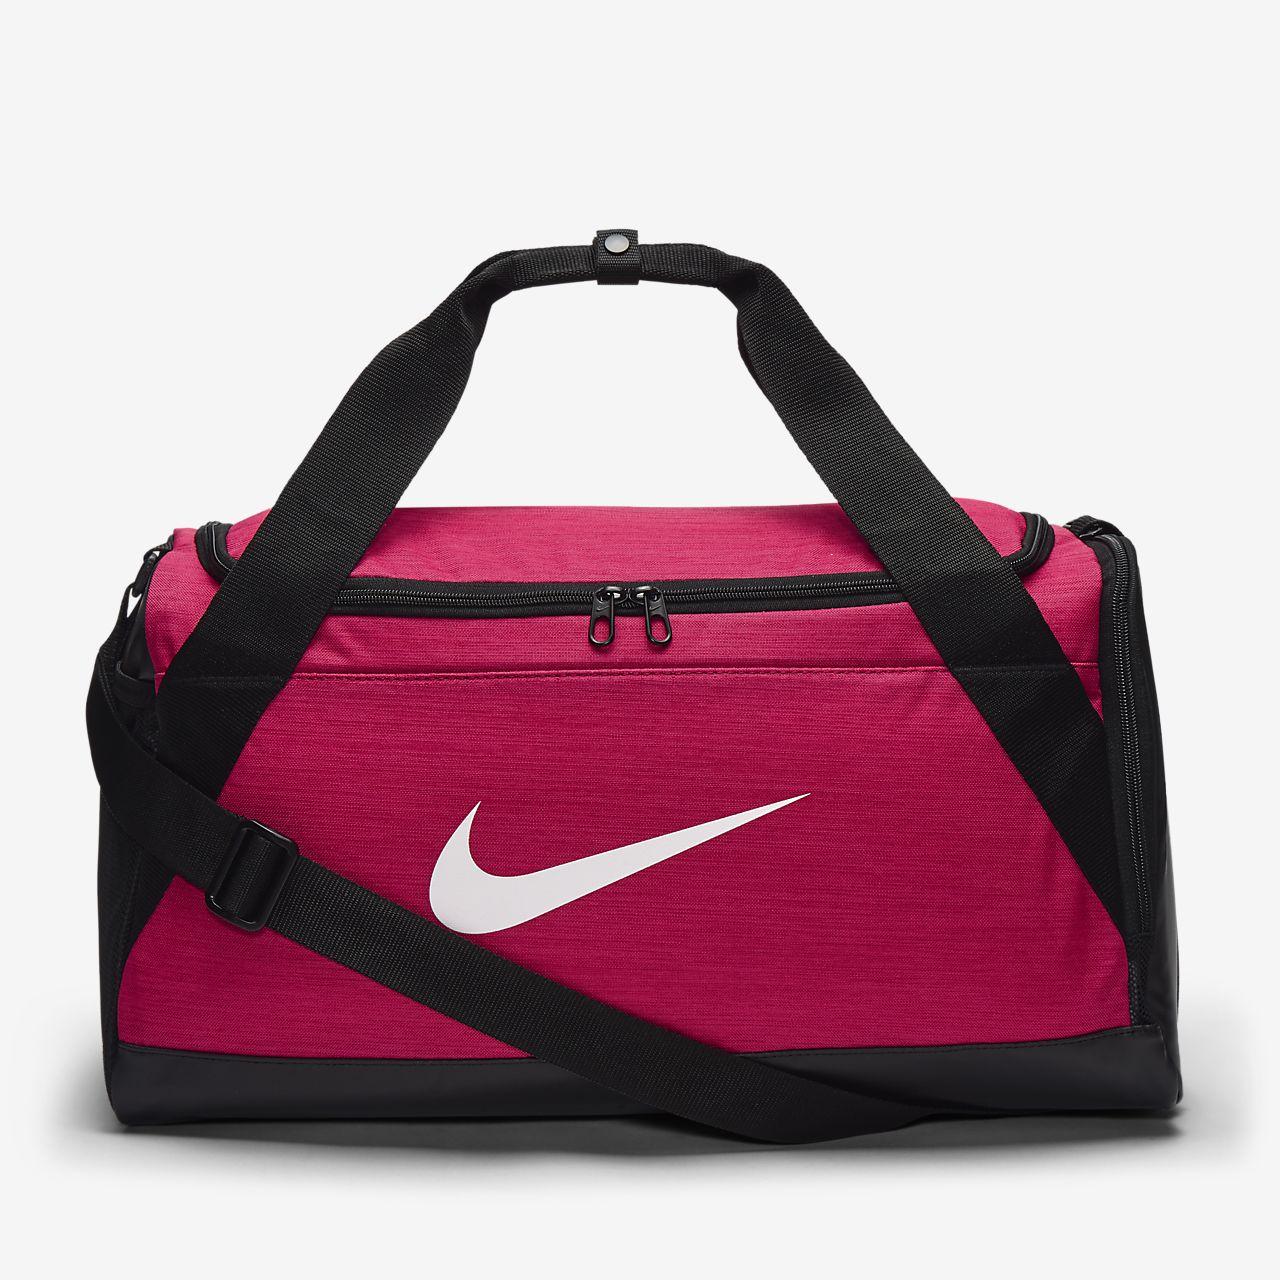 Tréninková sportovní taška Nike Brasilia (malá)